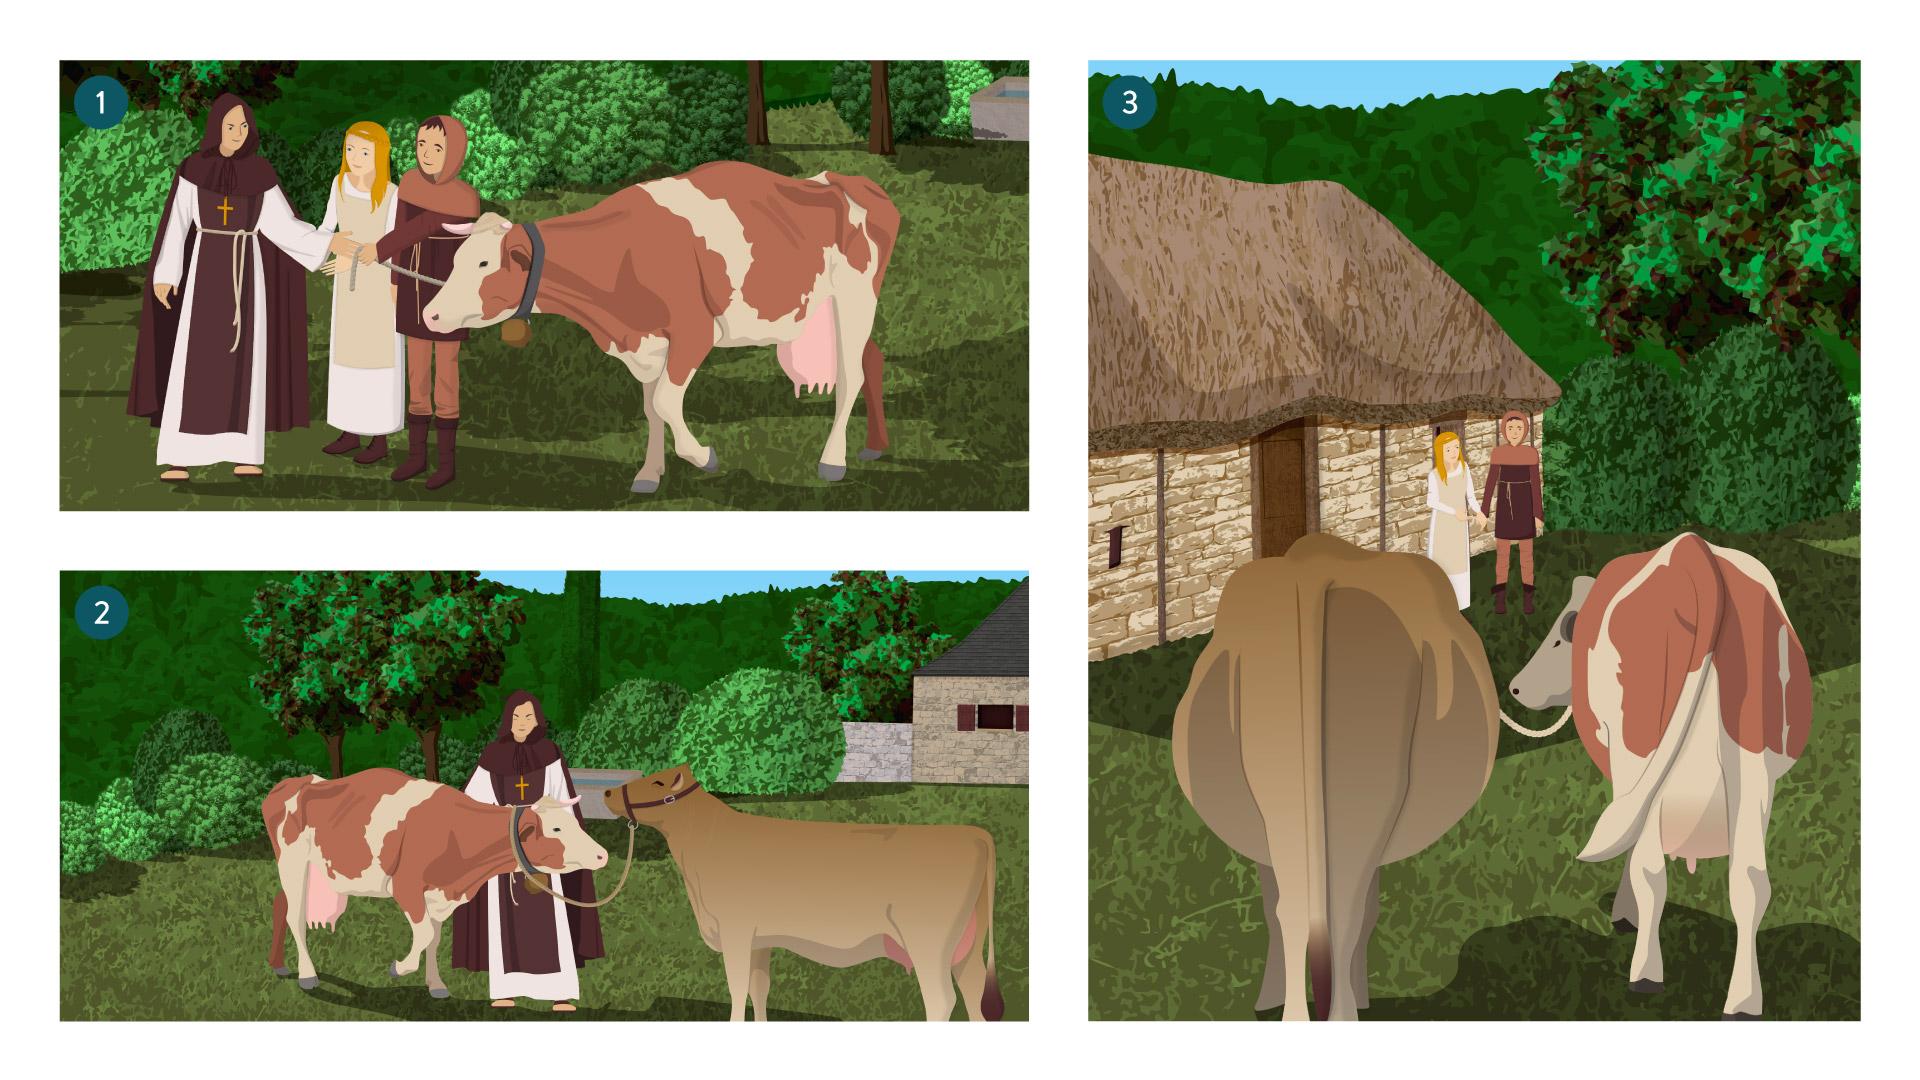 Blérain la vache au prêtre-français-6e